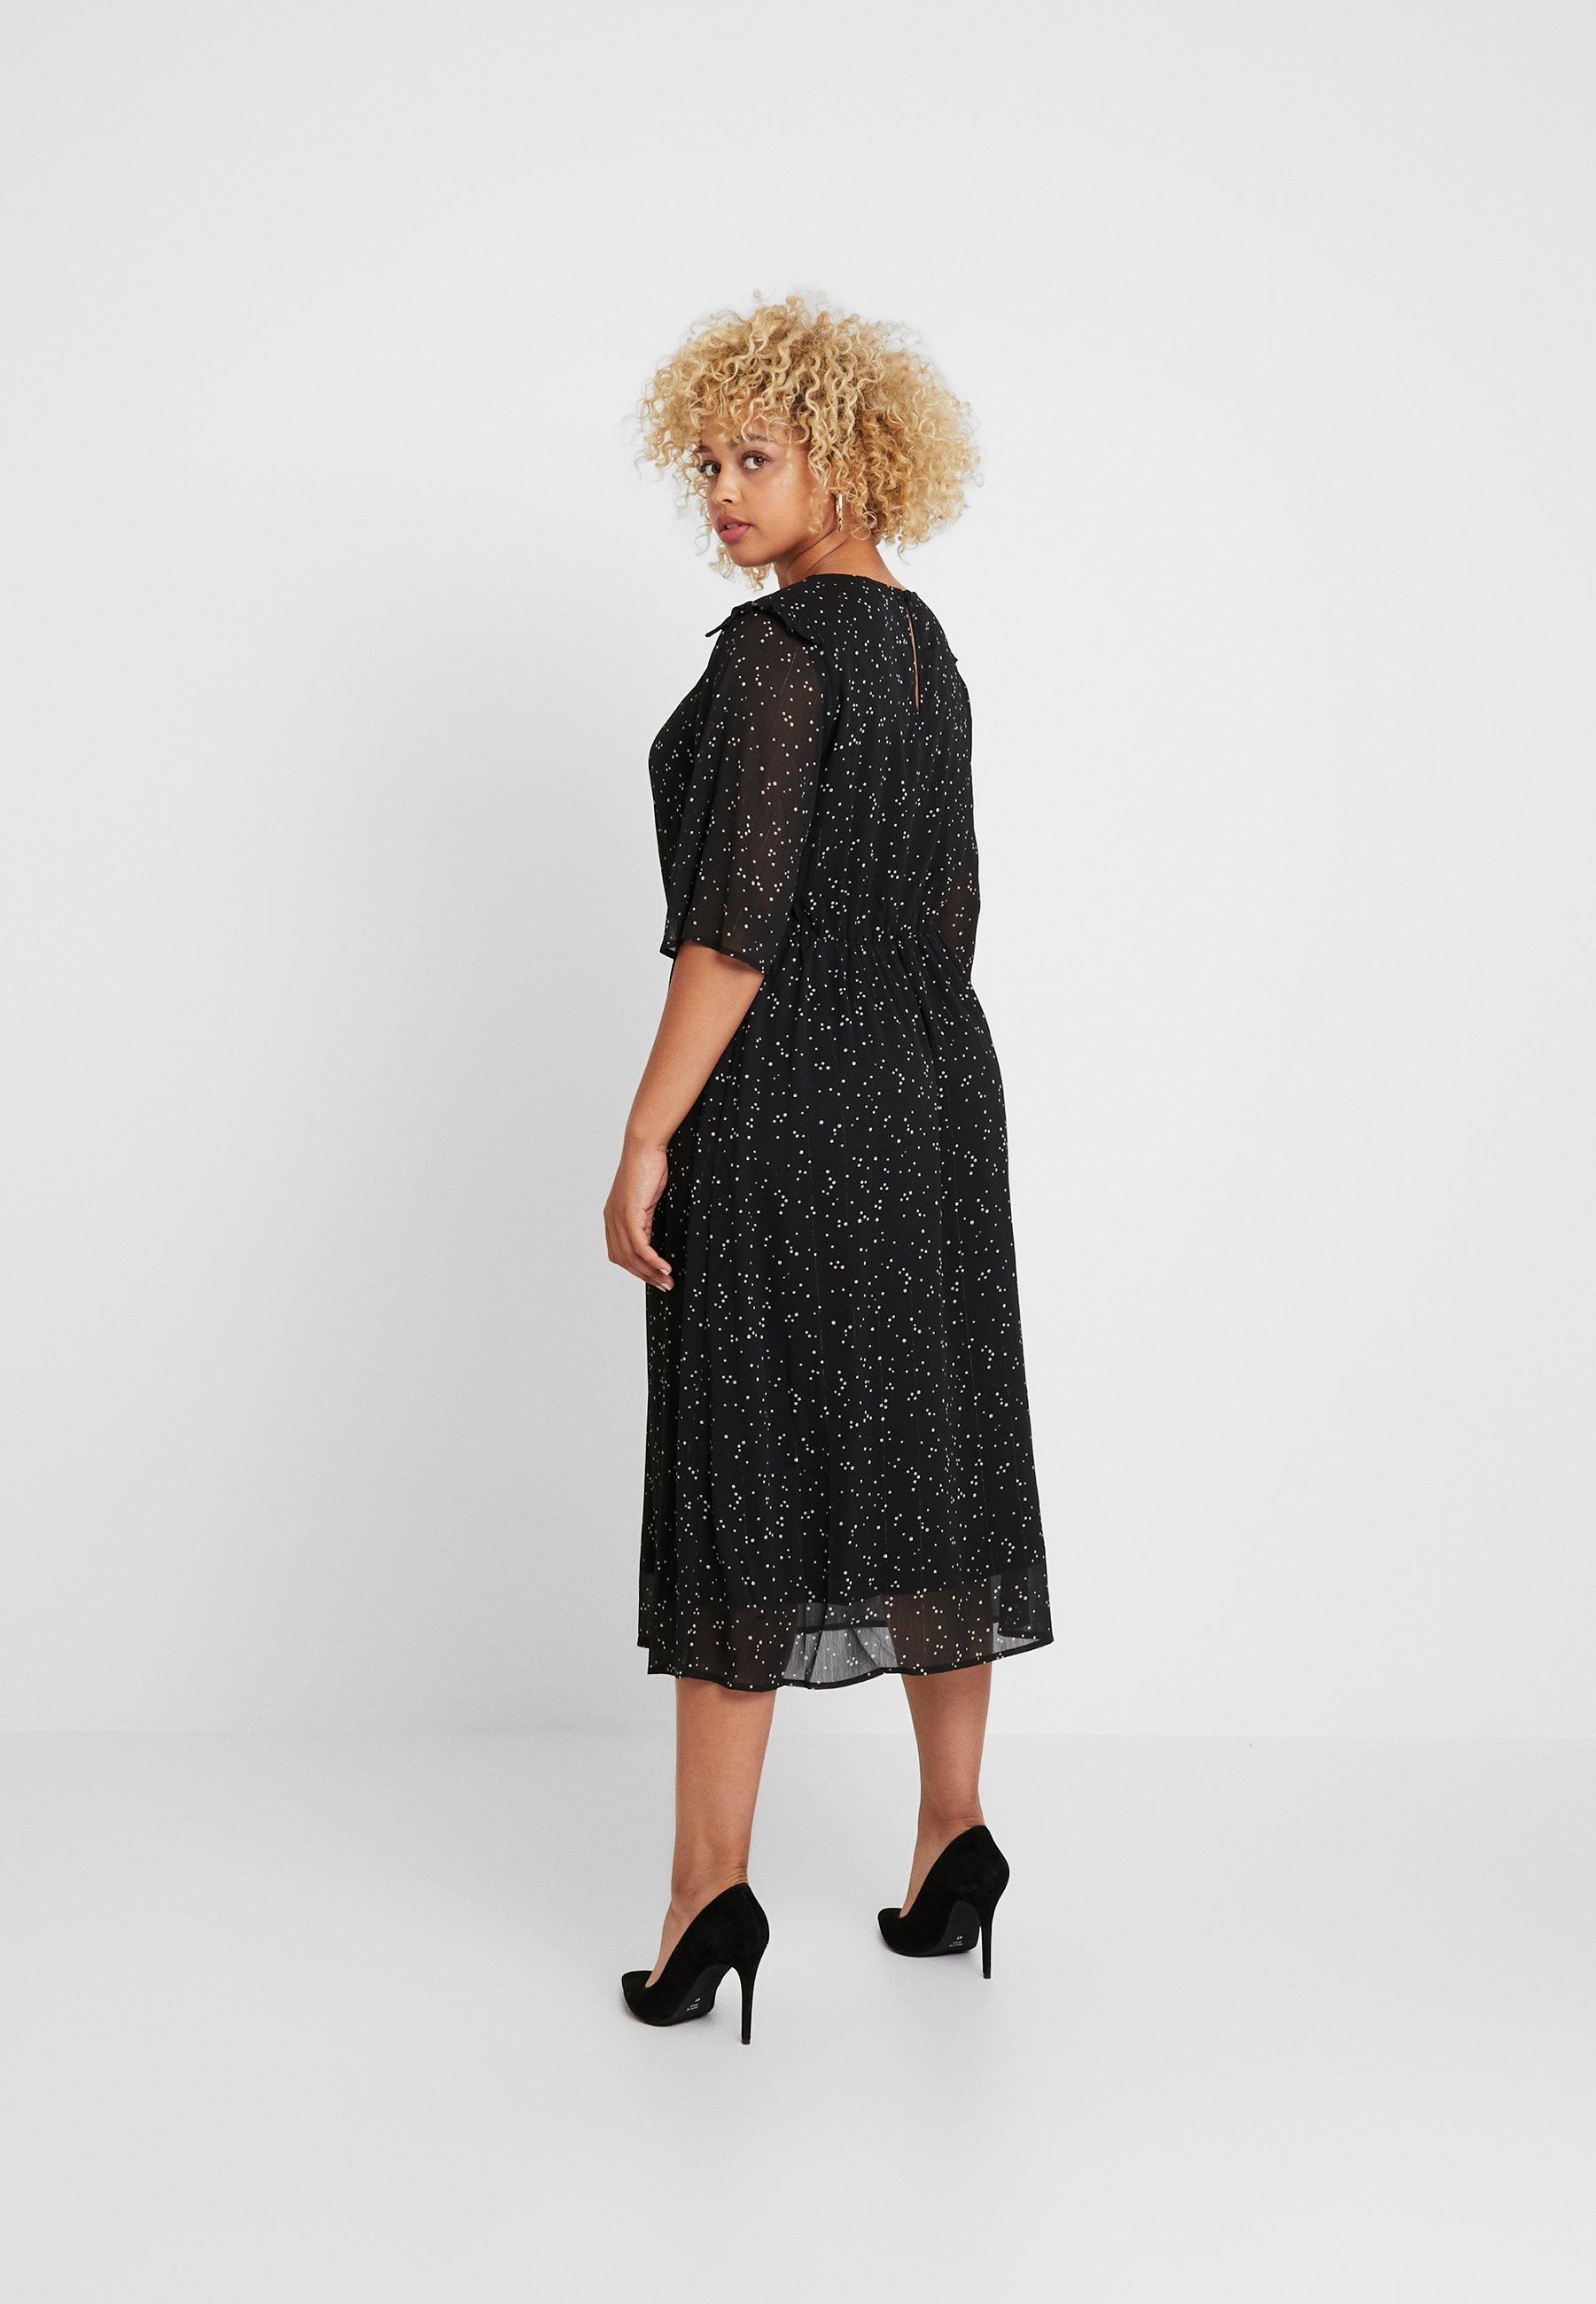 DressRobe Ylady Black 1 Zay 2 D'été UpqVLGSzM